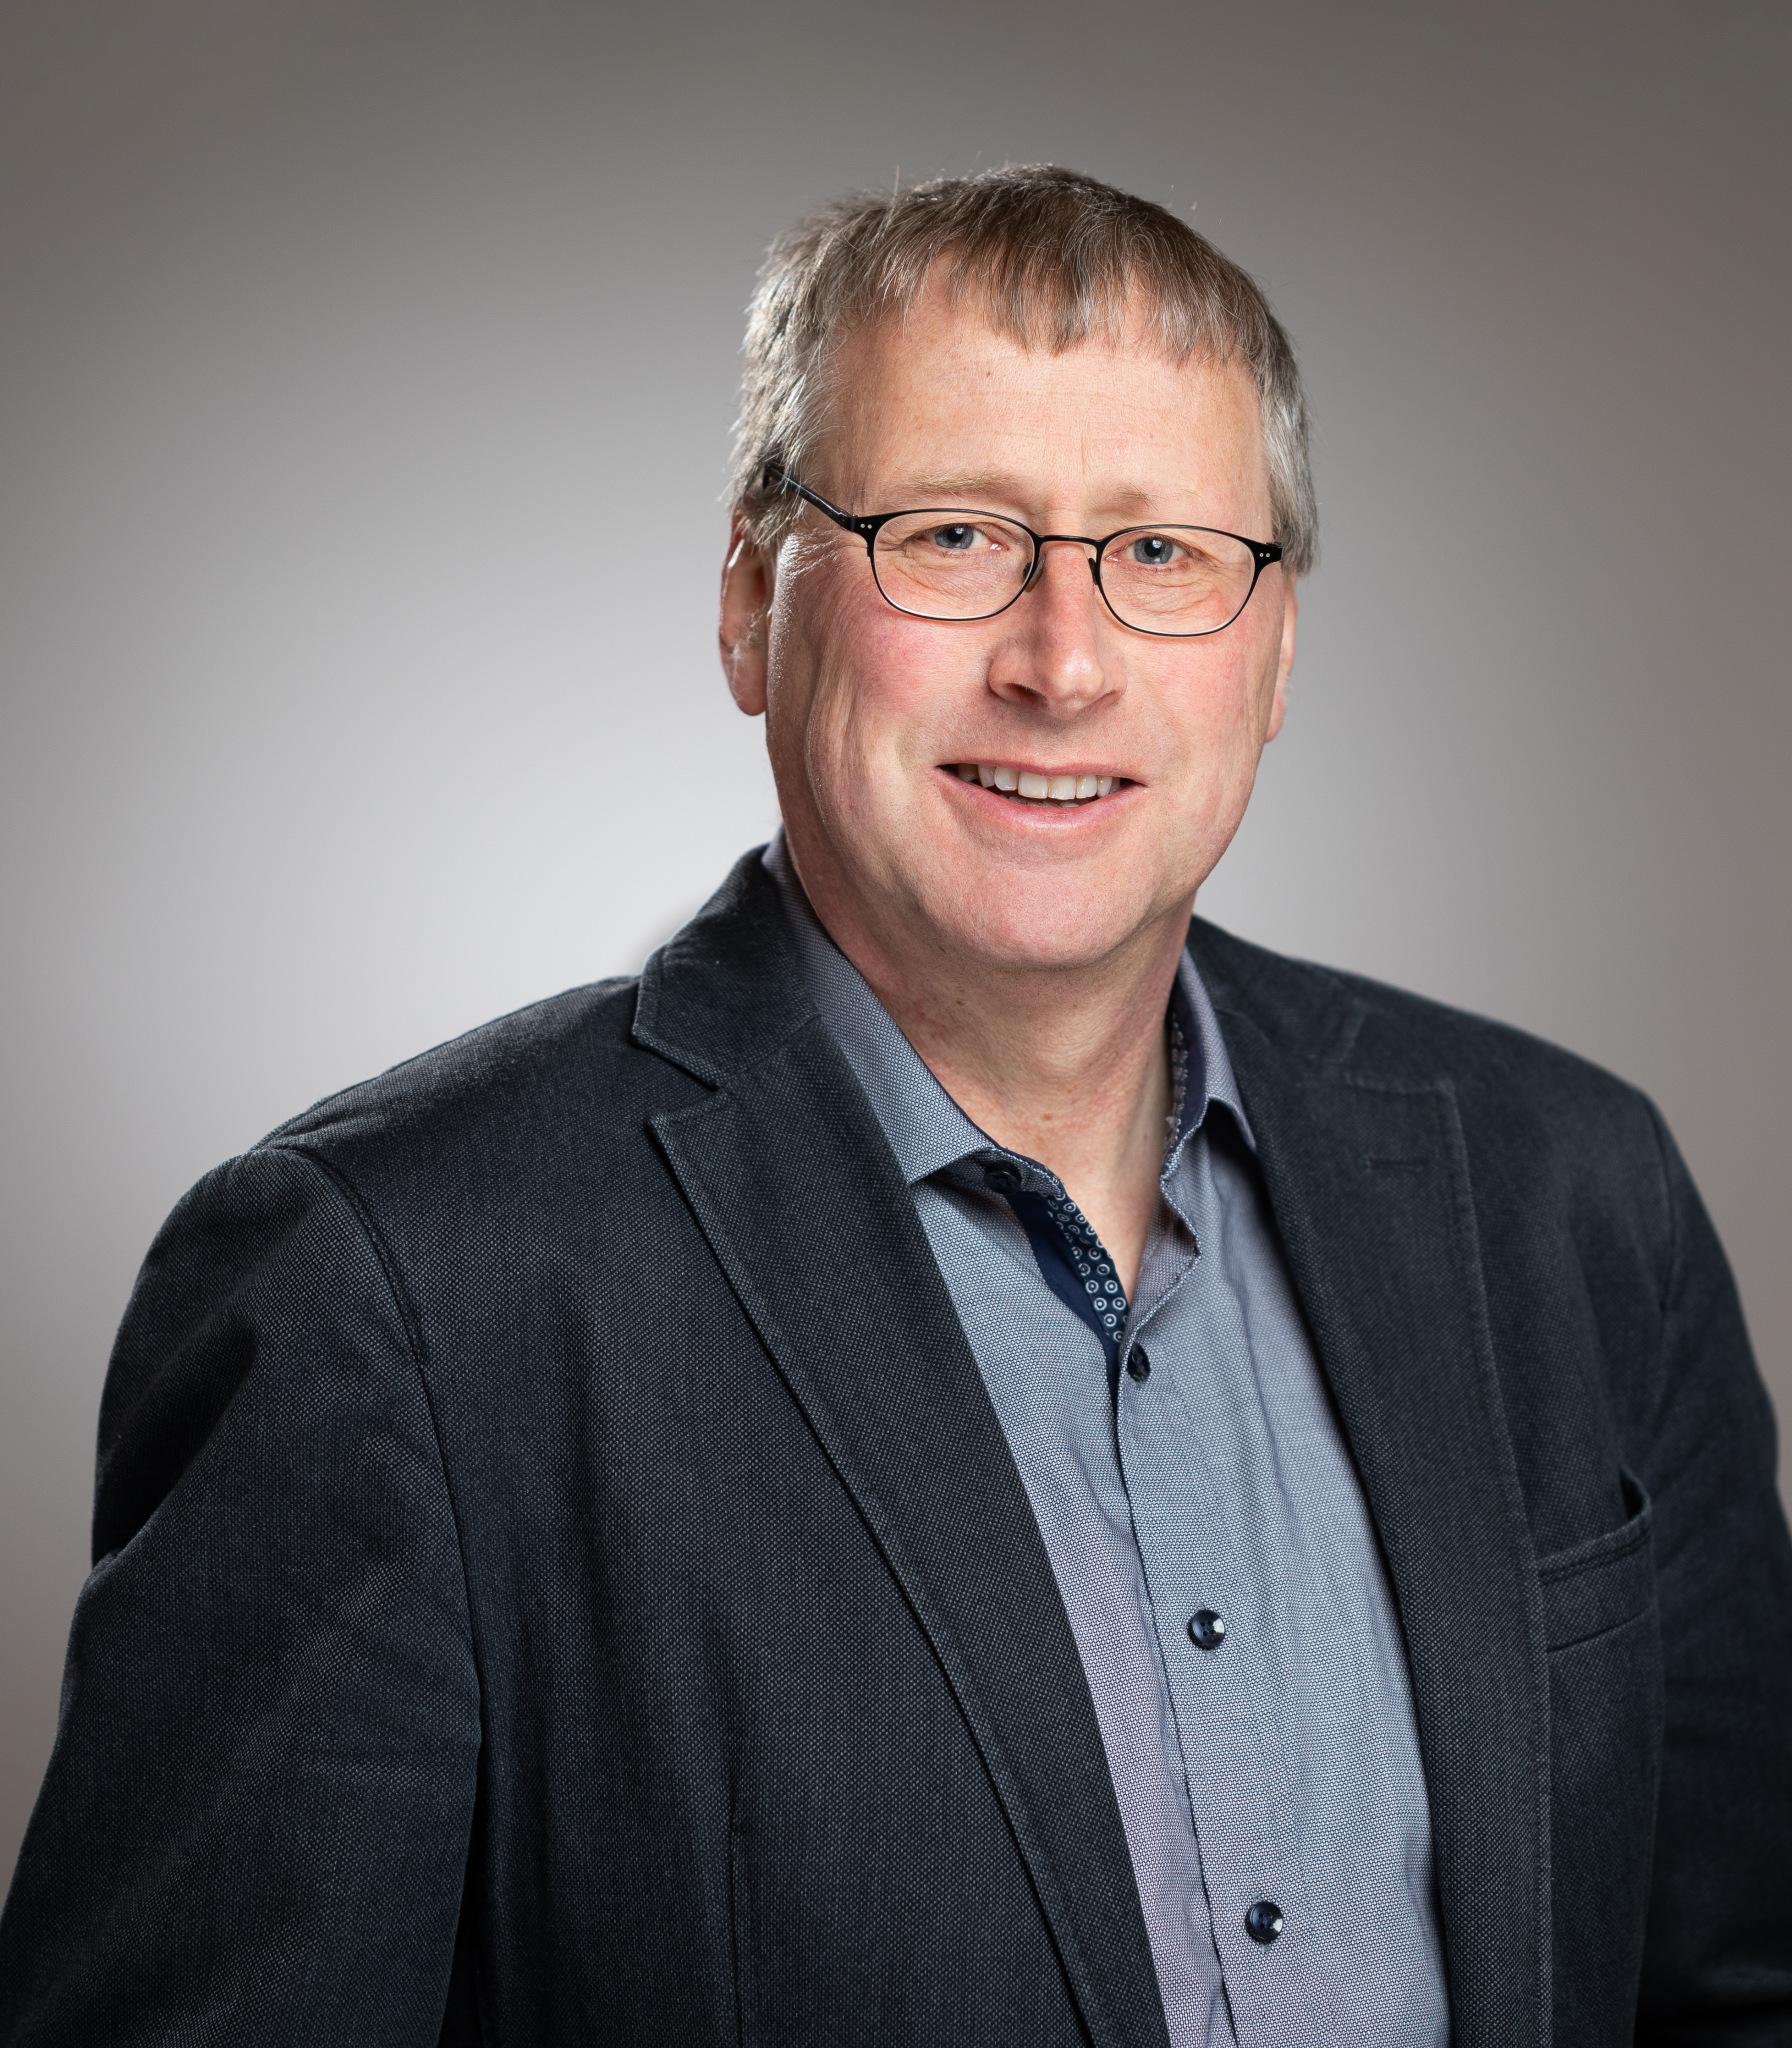 Stefan Lambotte, 54